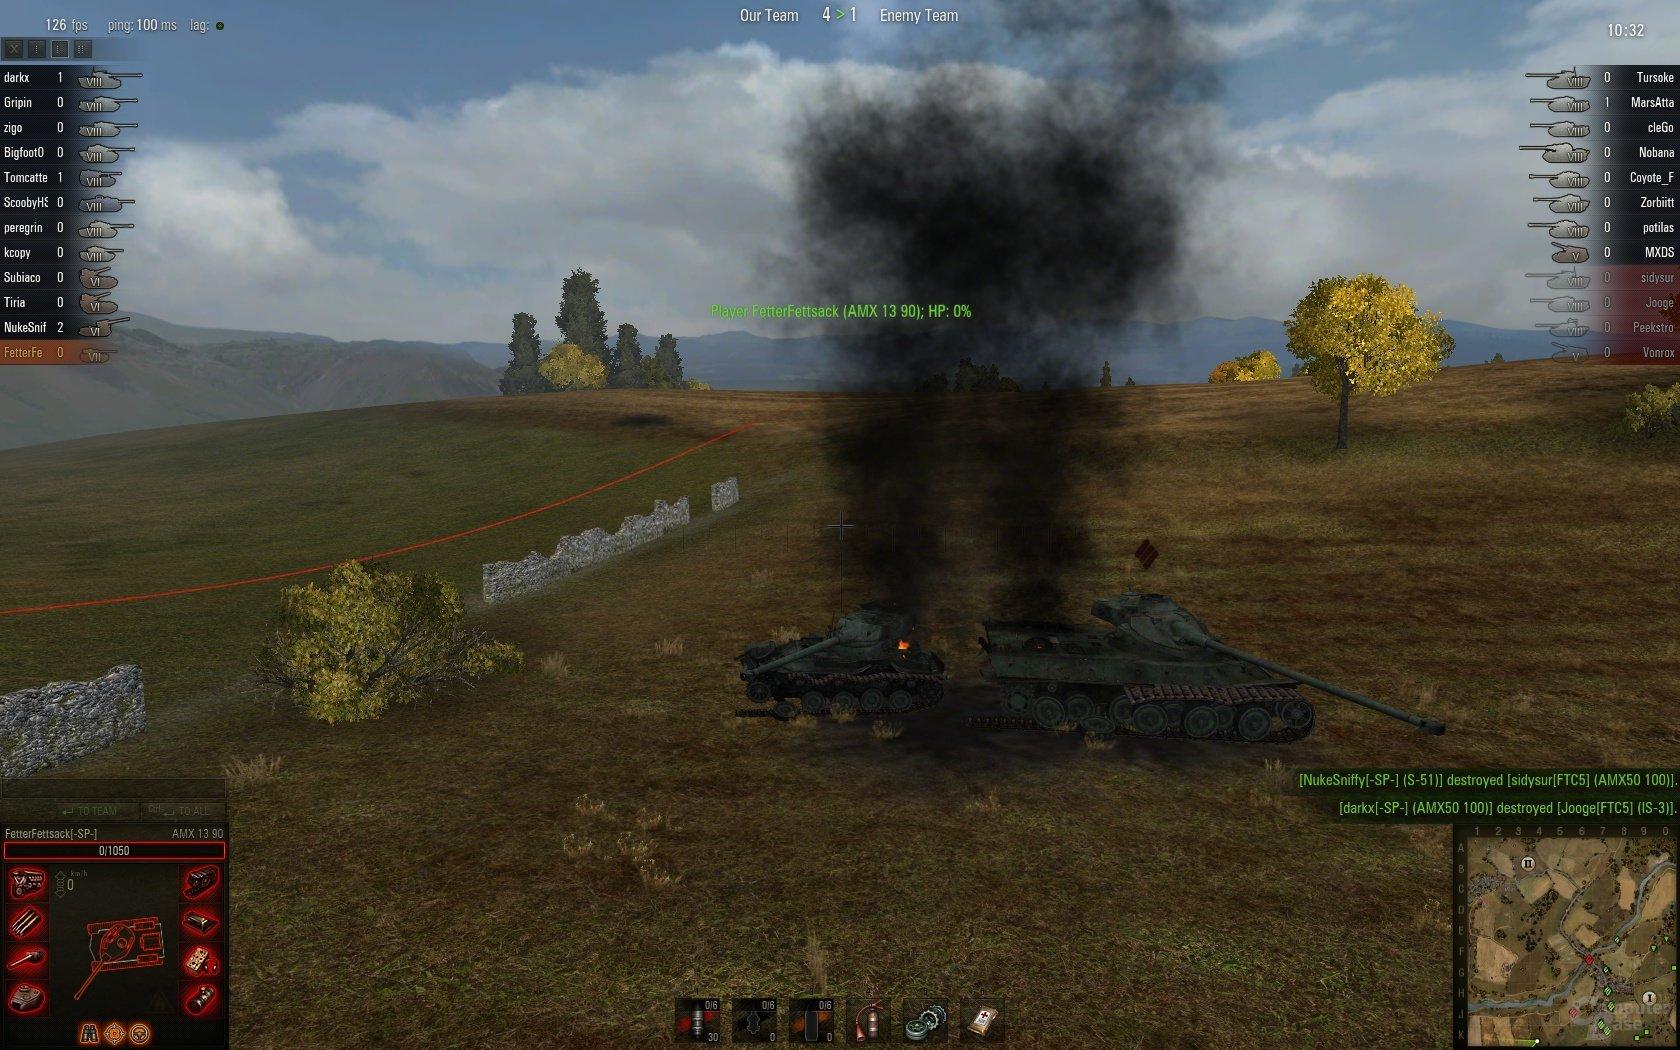 AMX 13 90 und AMX 50 100 Wracks